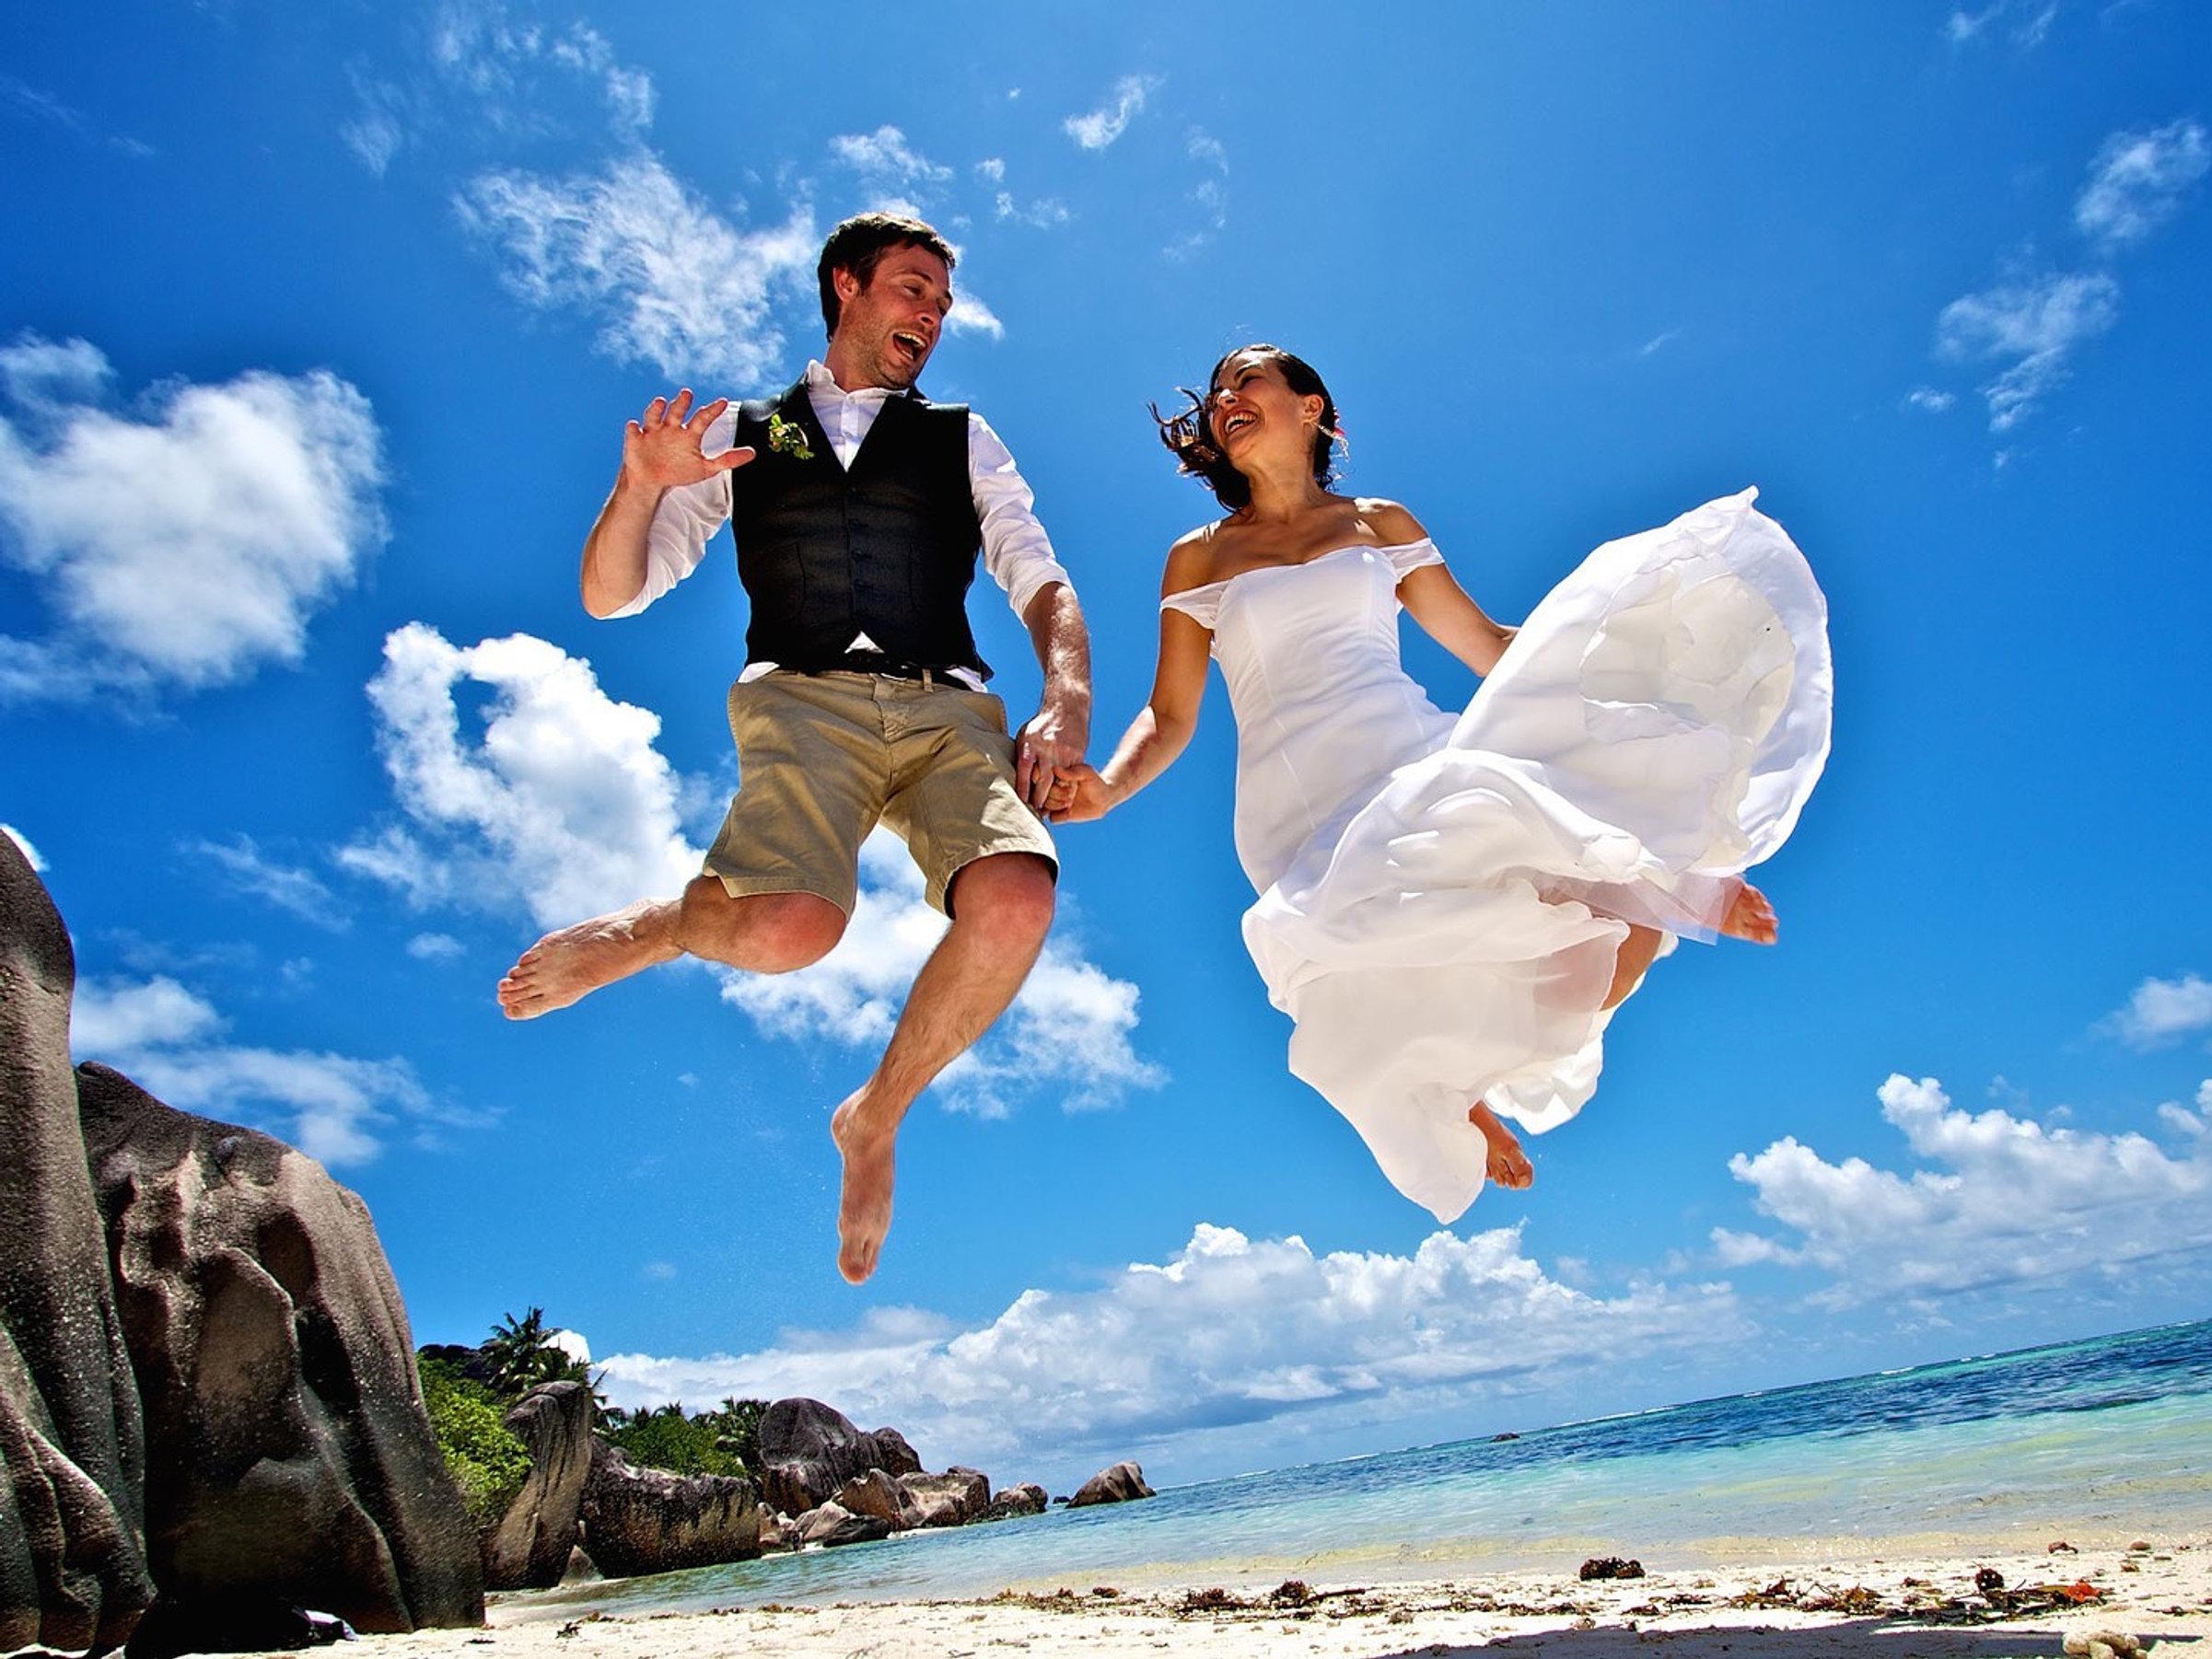 meilleur photographe de mariage aux seychelles levy laurent mahe praslin la digue - Photographe Mariage Seychelles